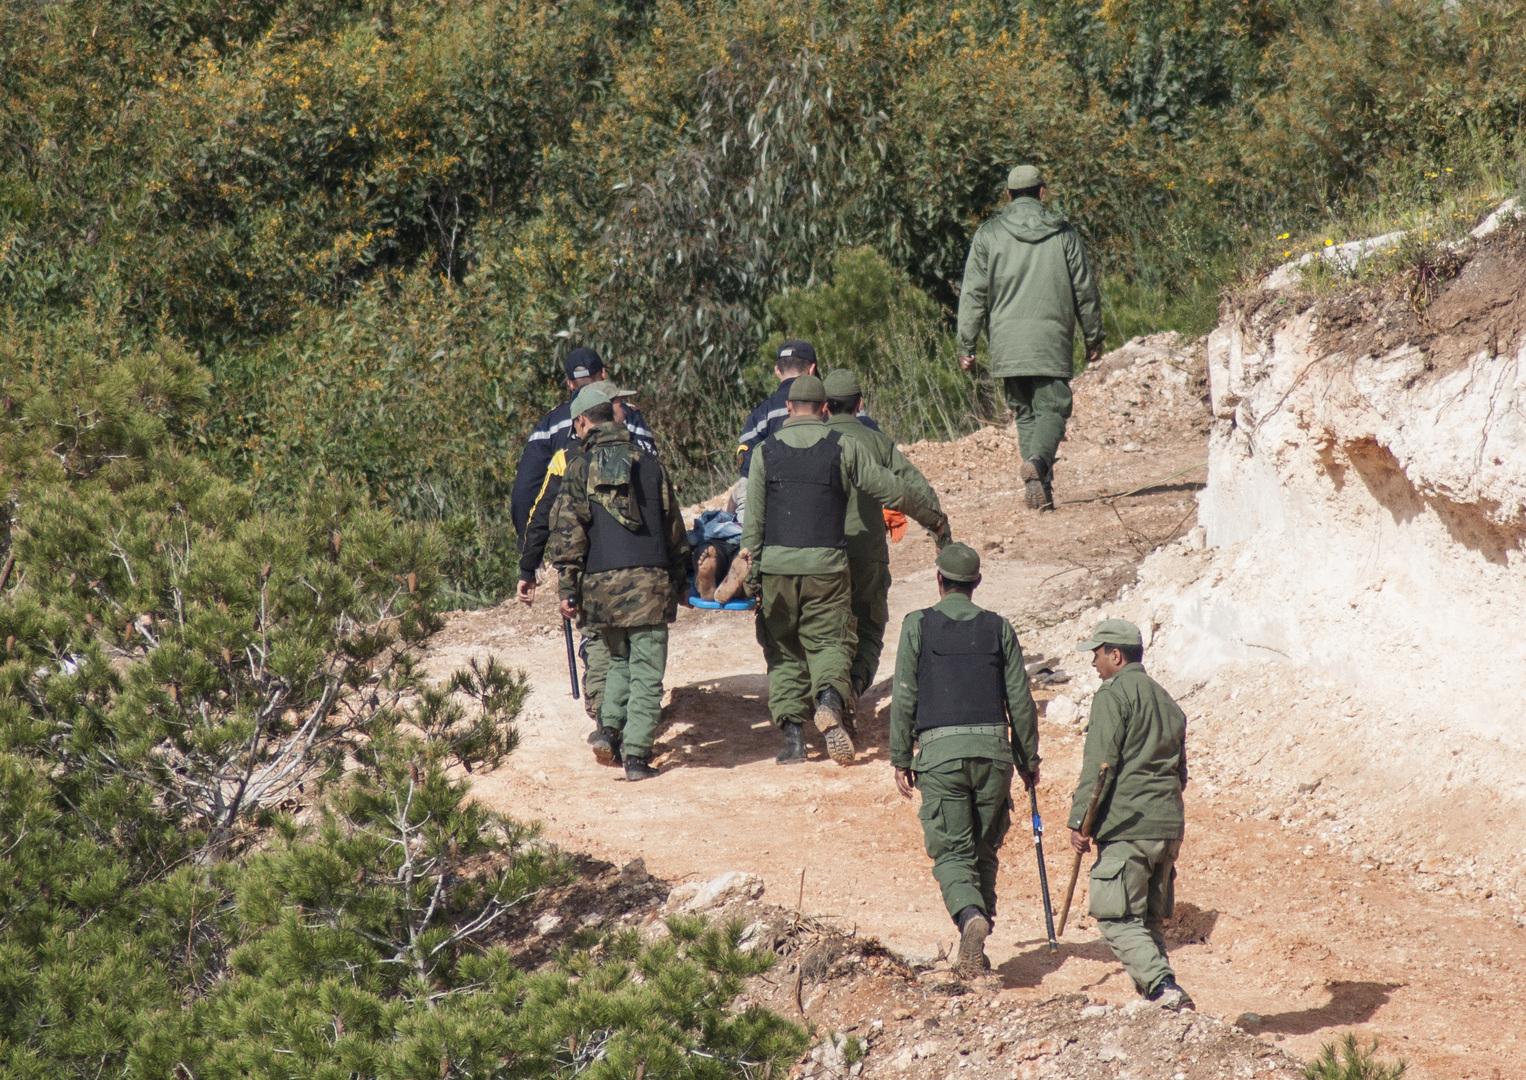 جنود القوات الملكية المغربية. الصورة: أرشيف.